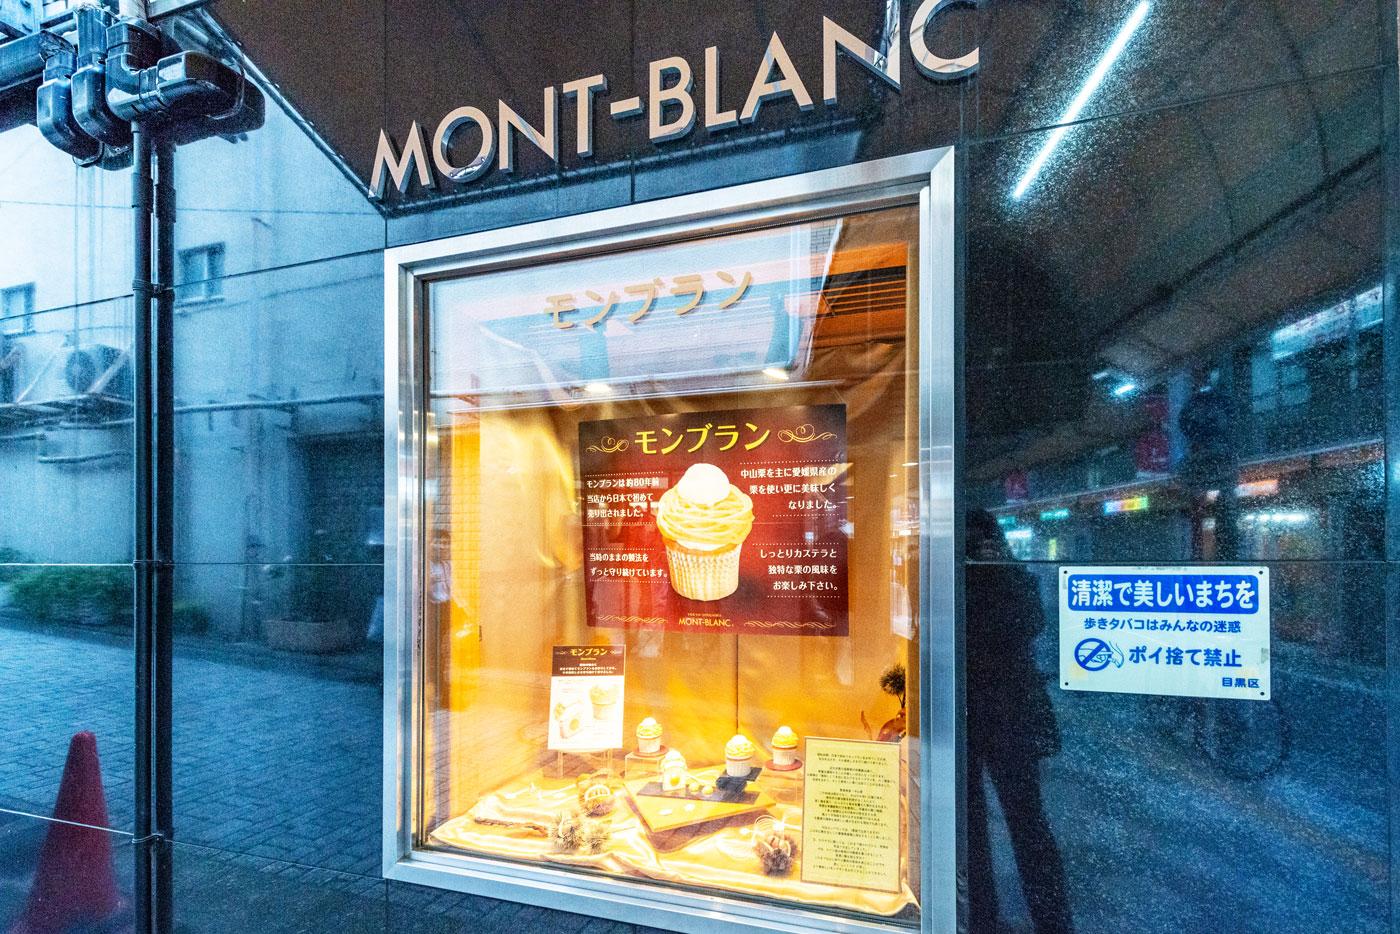 モンブラン(モンブラン発祥のお店)(750m)